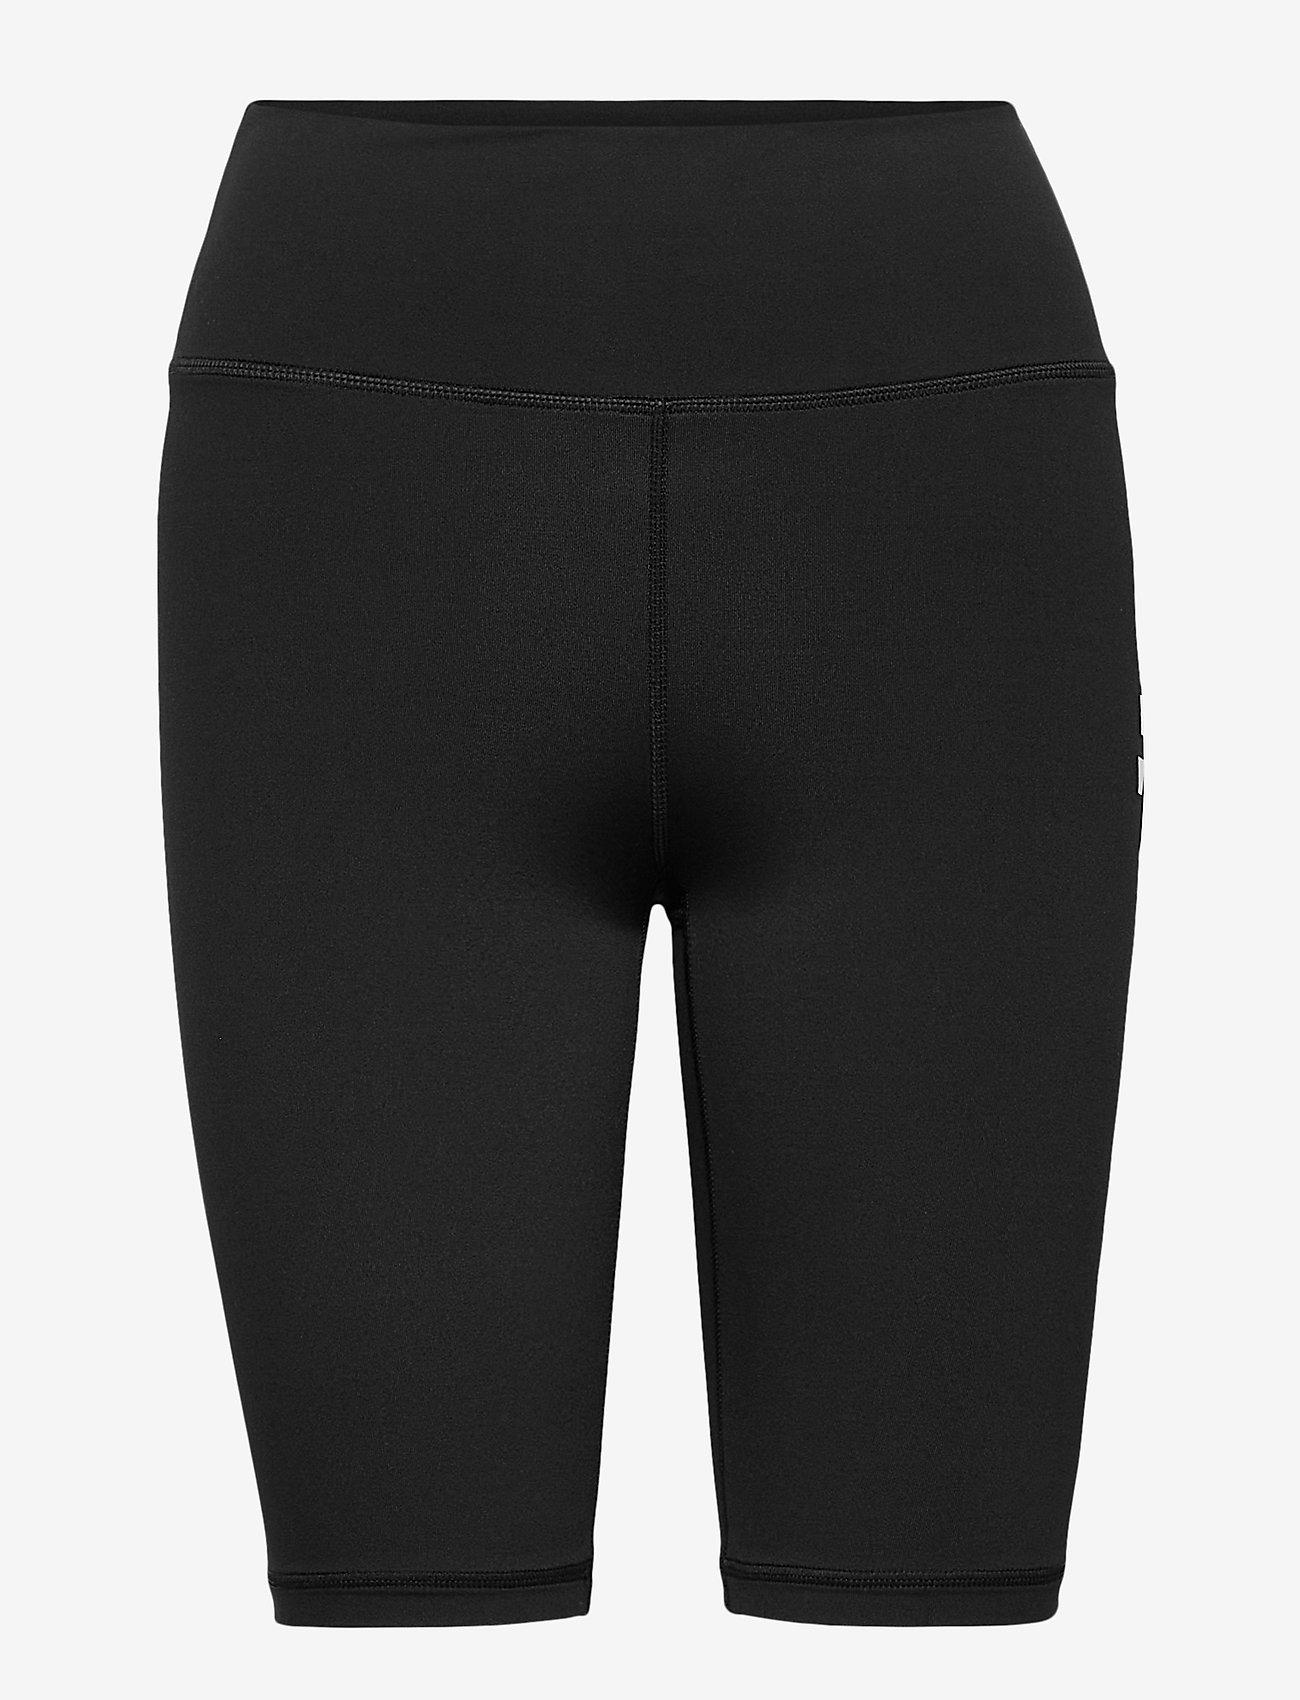 AIM'N - Black Logo Biker Shorts - træningsshorts - black - 1